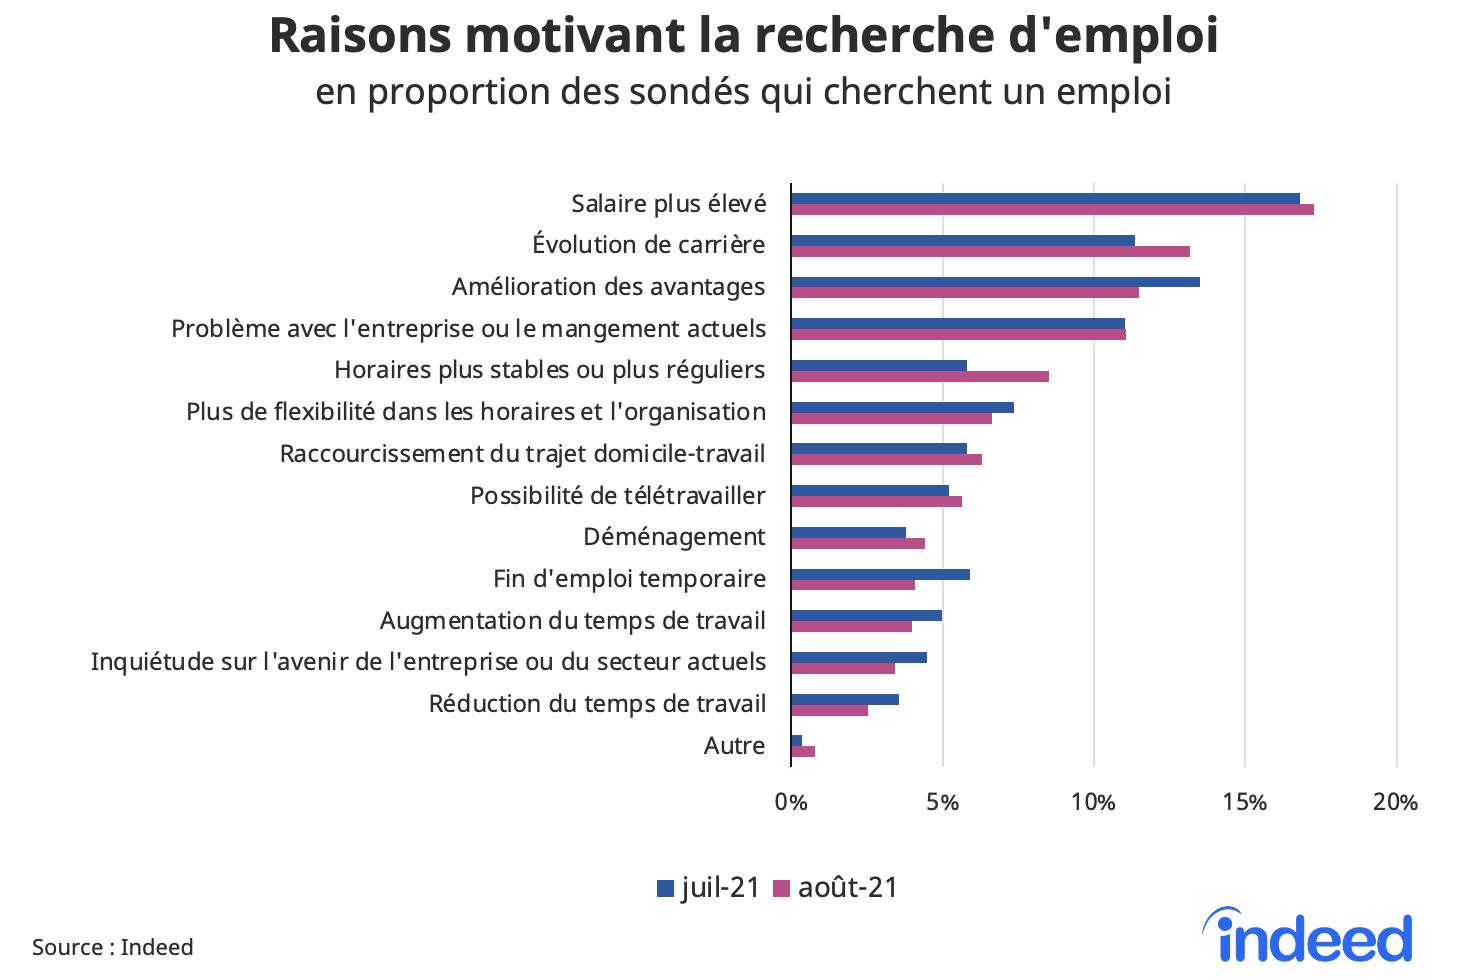 Cet histogramme présente les raisons motivant la recherche d'emploi, en proportion des sondés qui cherchent un emploi, pour les mois de juillet et août 2021